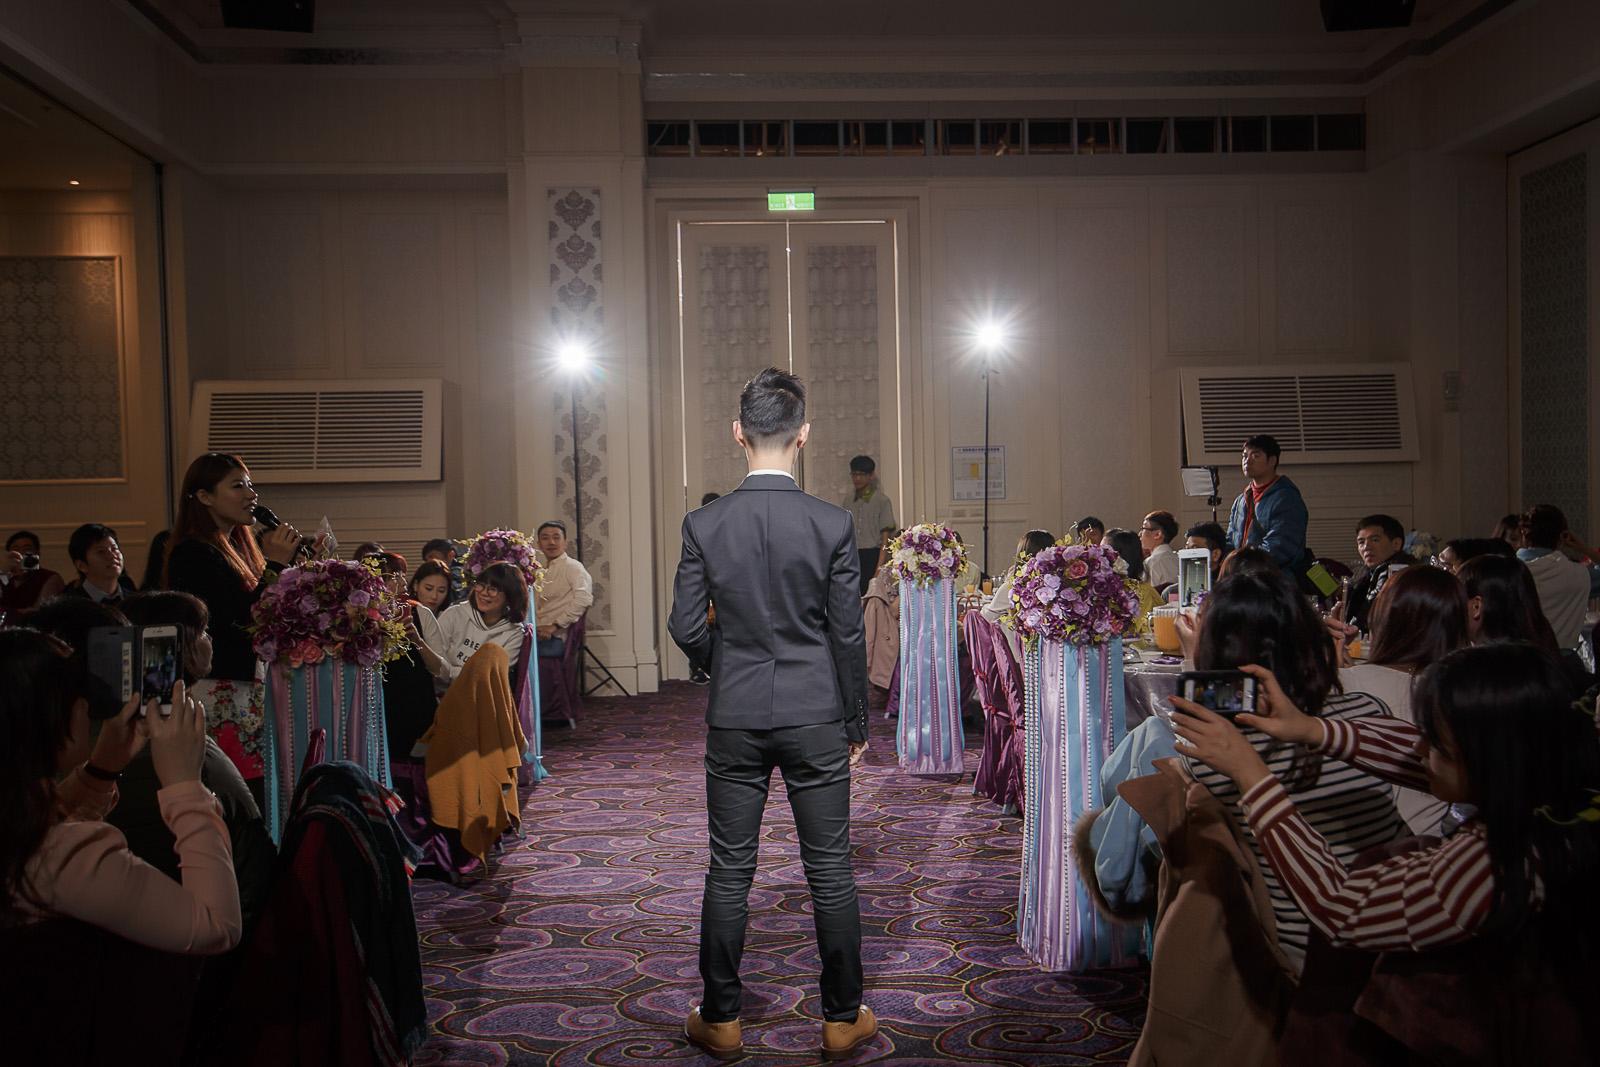 高雄圓山飯店,婚禮攝影,婚攝,高雄婚攝,優質婚攝推薦,Jen&Ethan-242